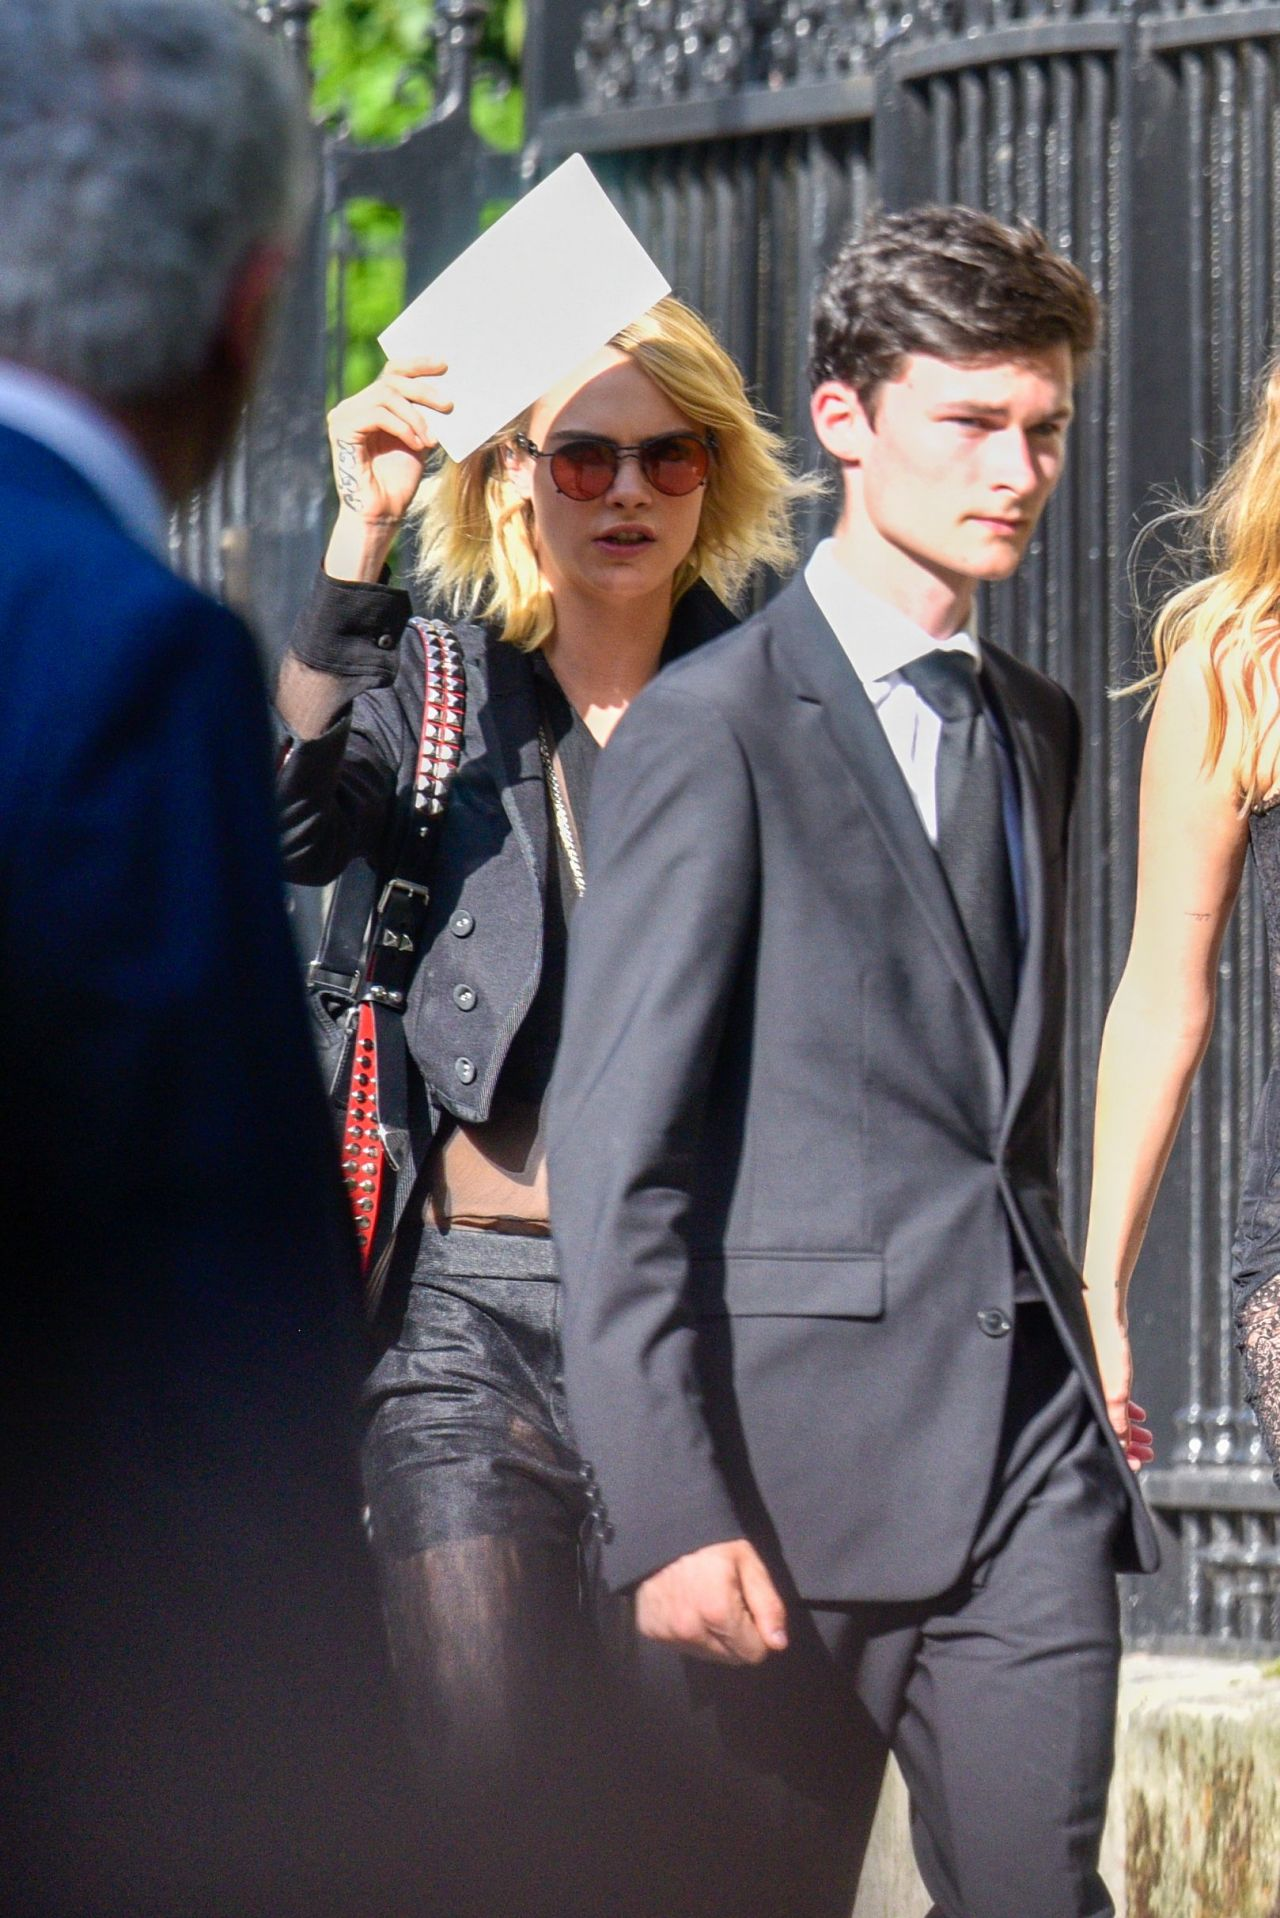 Cara Delevingne Arrives For Zoe Kravitz And Karl Glusman